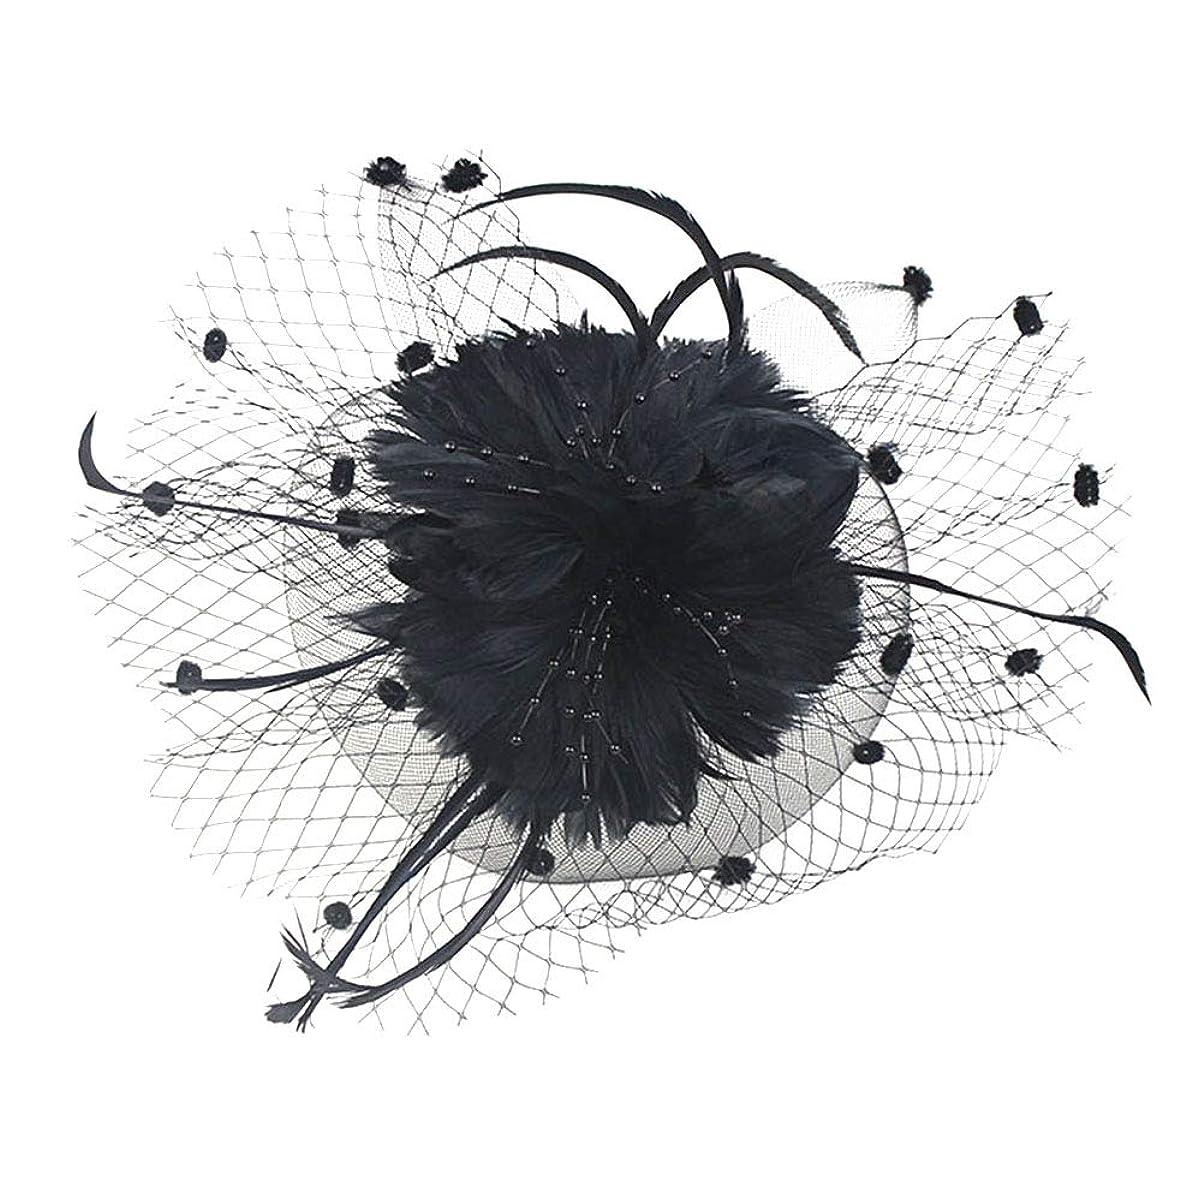 ロック農村うぬぼれBeaupretty魅惑的な帽子羽メッシュネットベールパーティー帽子ピルボックス帽子羽の魅惑的なキャップレディース結婚式宴会カクテルパーティー(黒)